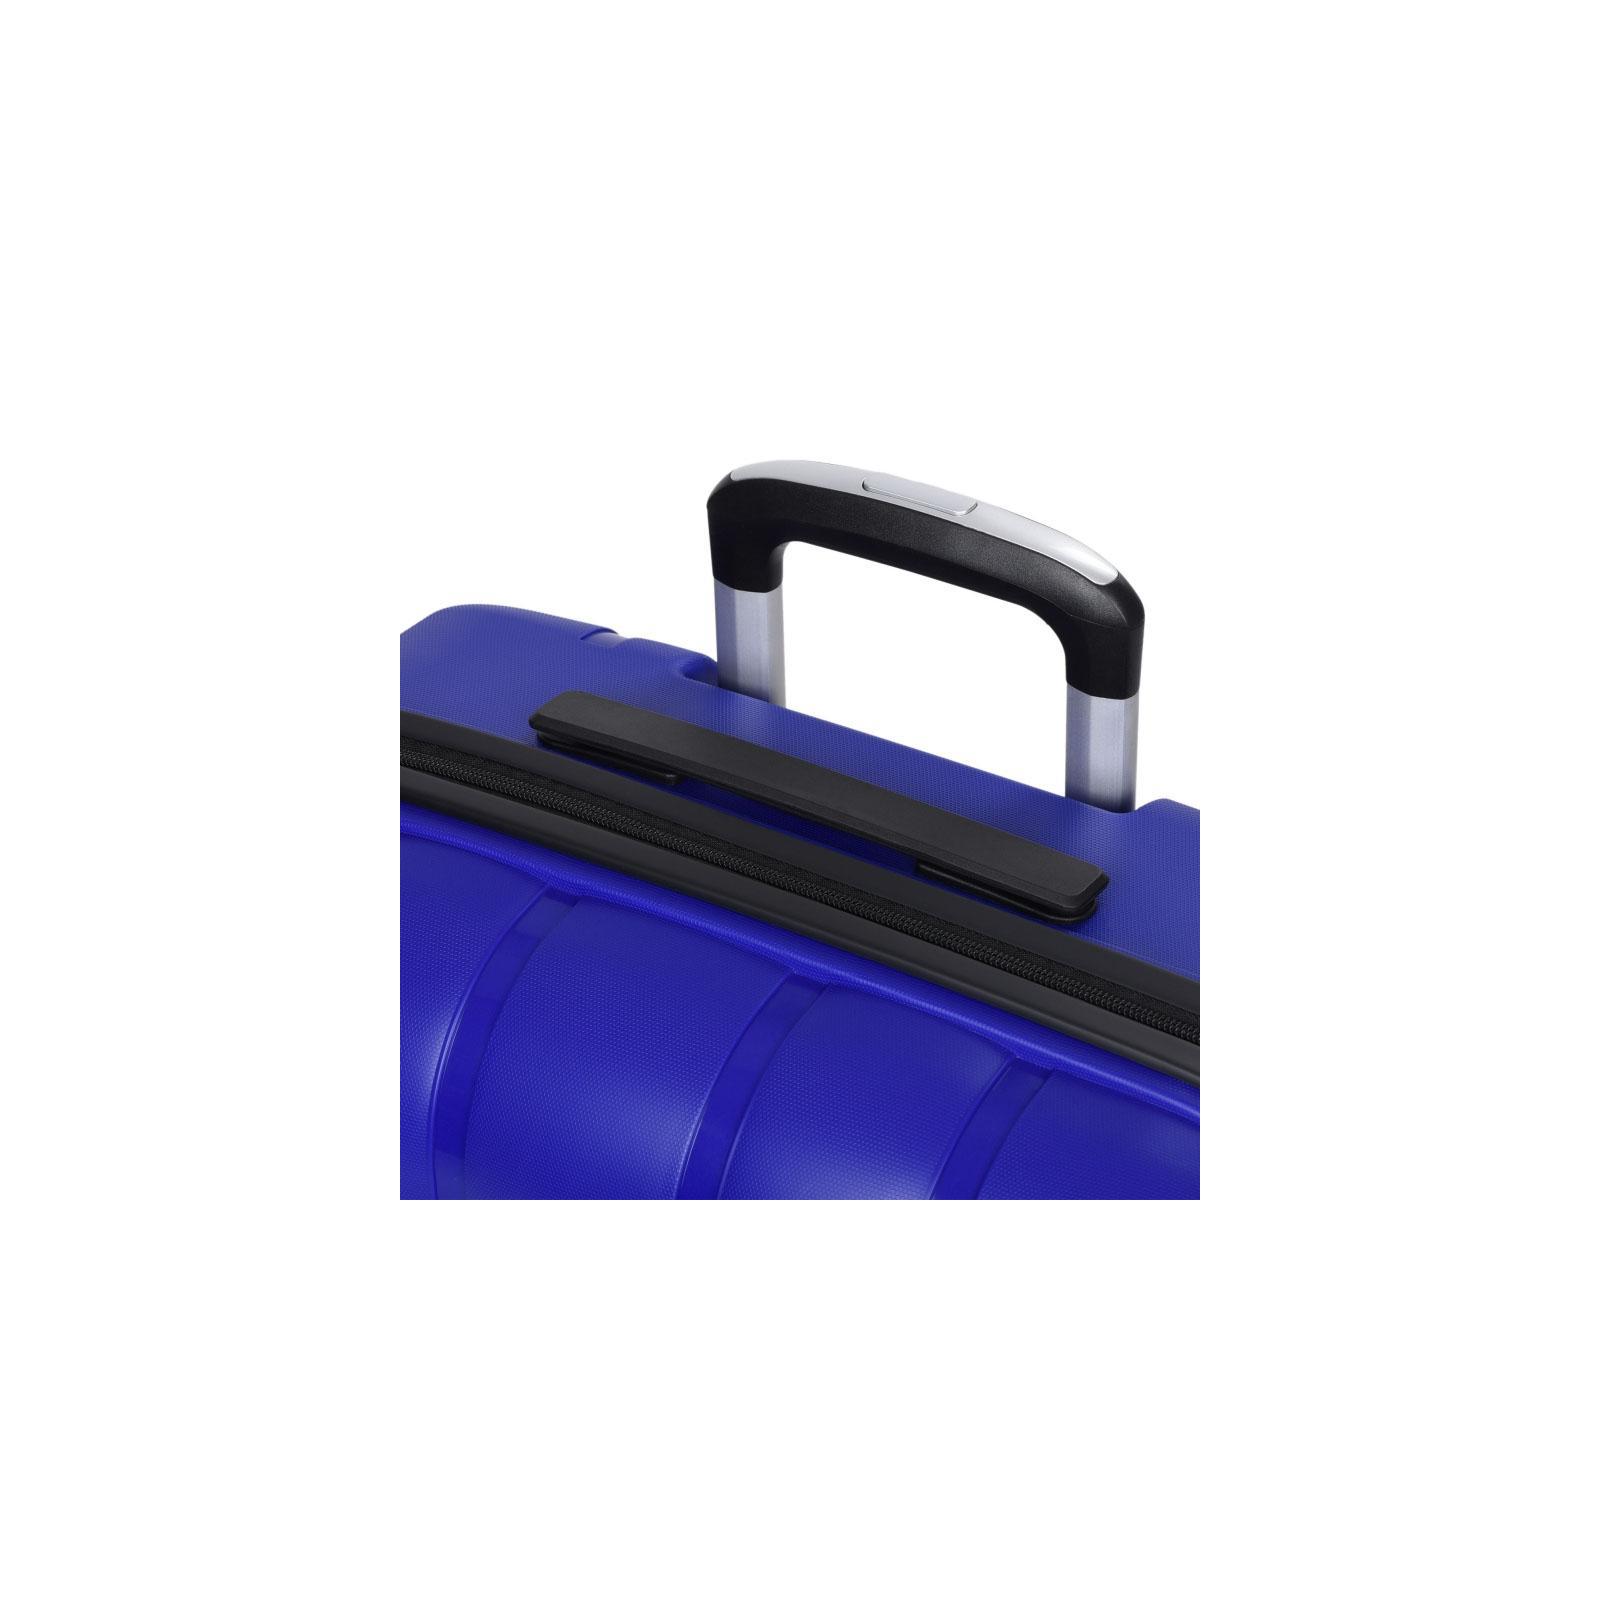 Чемодан 2E Youngster средний синий (2E-SPPY-M-NV) изображение 12